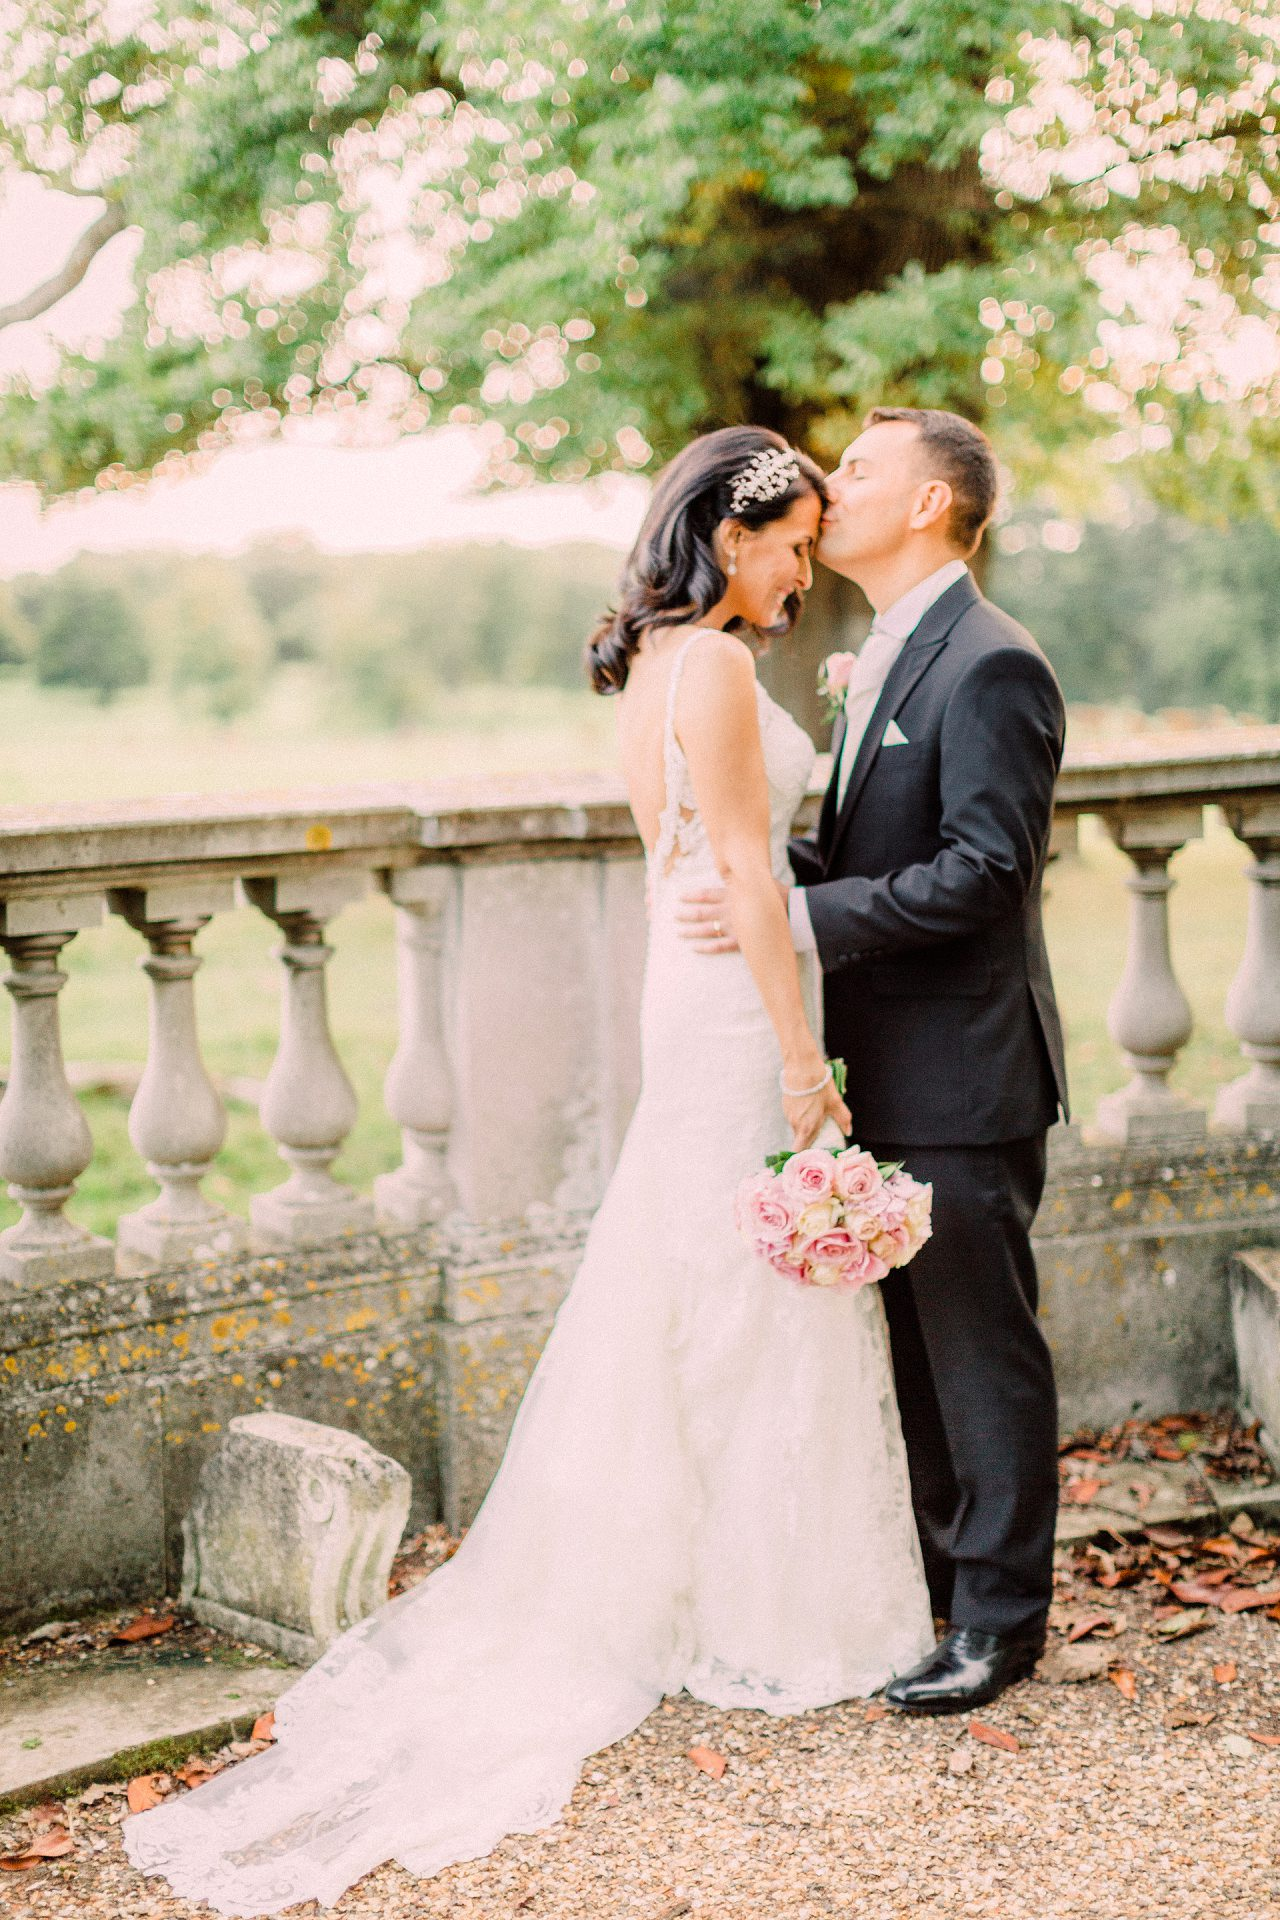 Sanshine Photography  LUXURY WEDDING PHOTOGRAPHY LONDON UK AND DESTINATION  SANSHINE